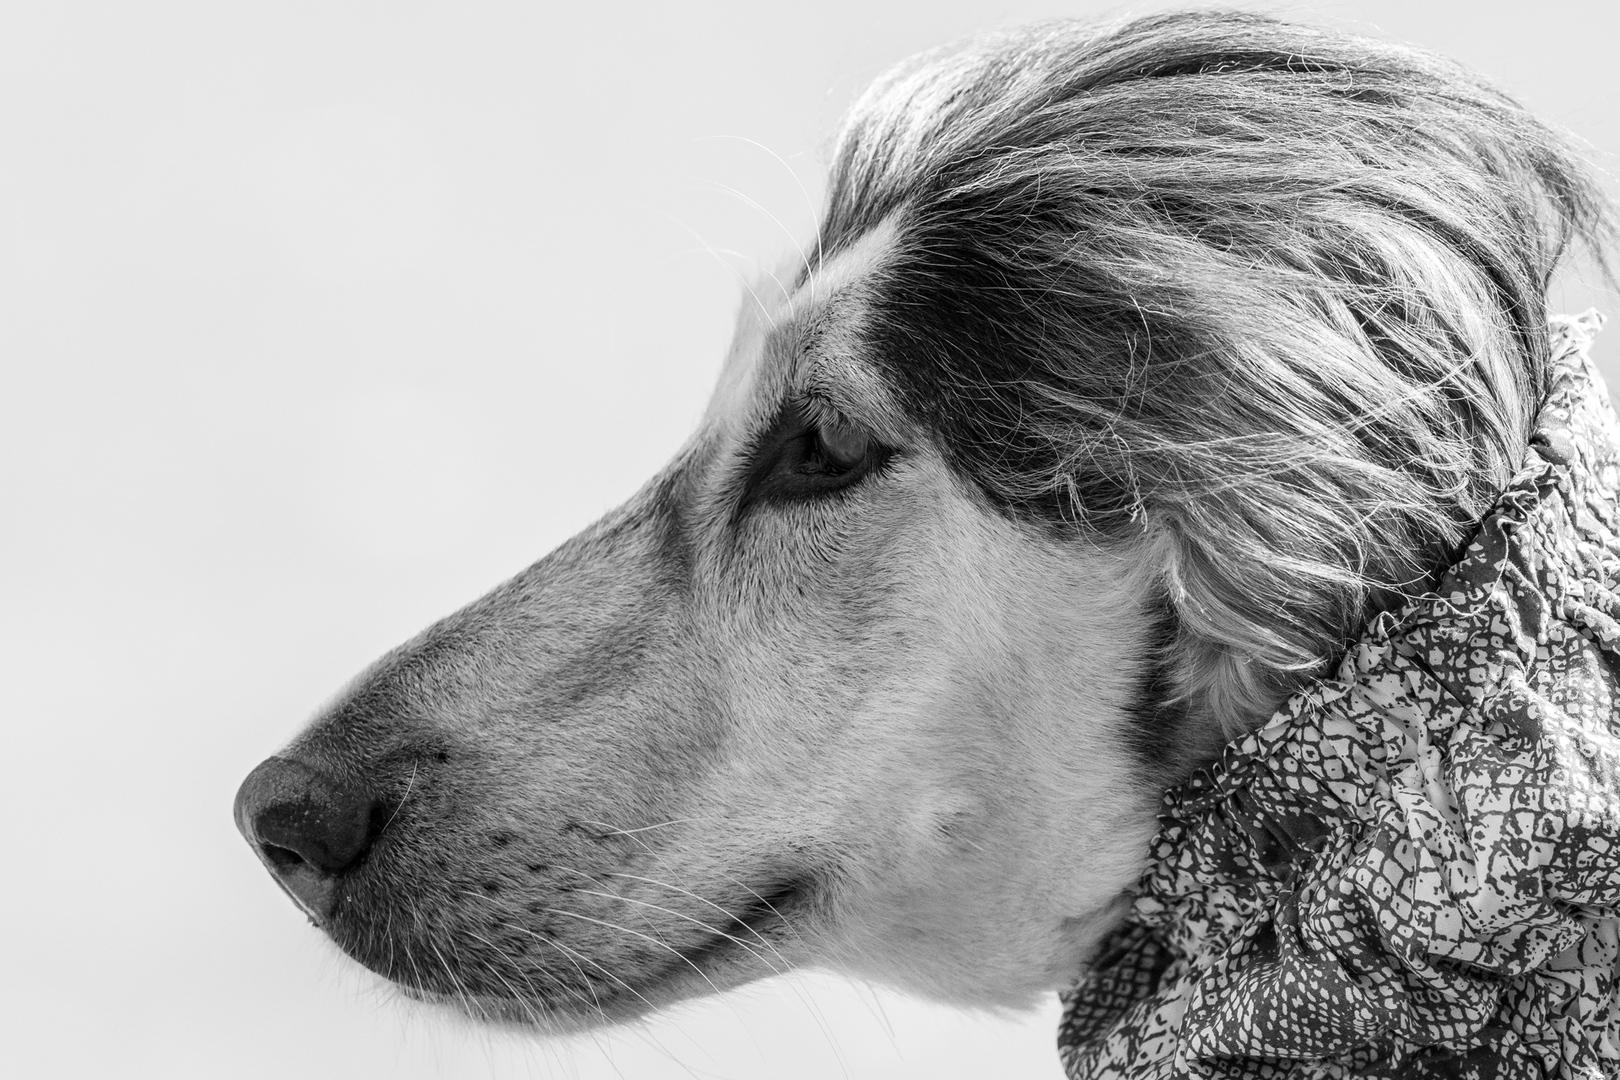 Windhund #4